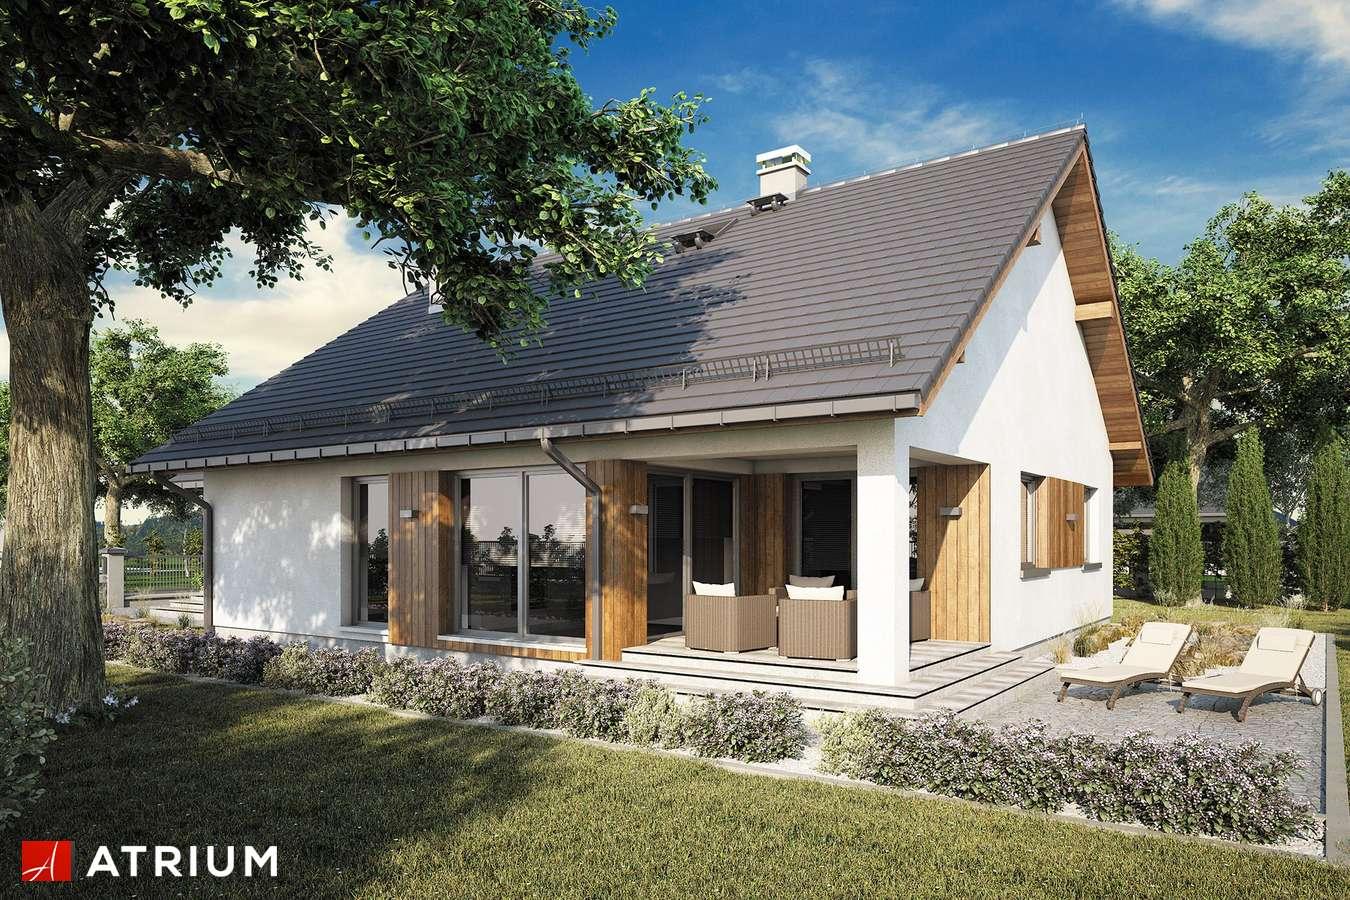 Projekty domów - Projekt domu parterowego BURSZTYN PLUS MAXI III - wizualizacja 2 - wersja lustrzana